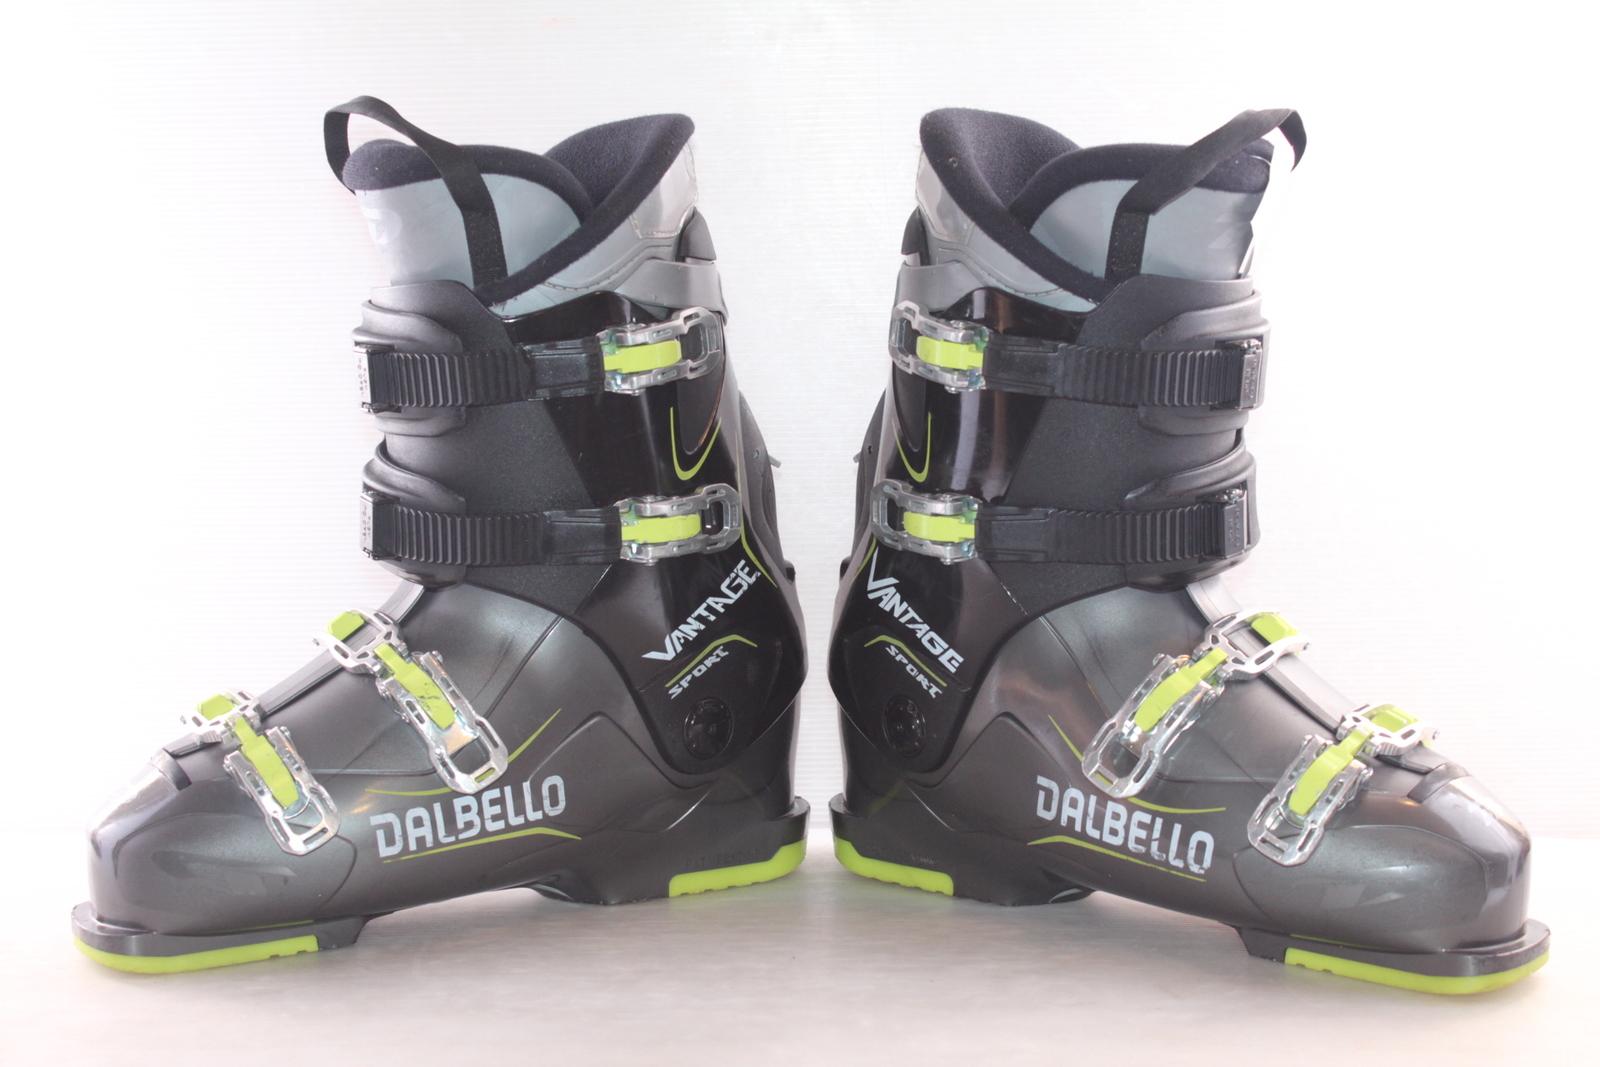 Lyžařské boty Dalbello Vantage Sport vel. EU44.5 flexe 80